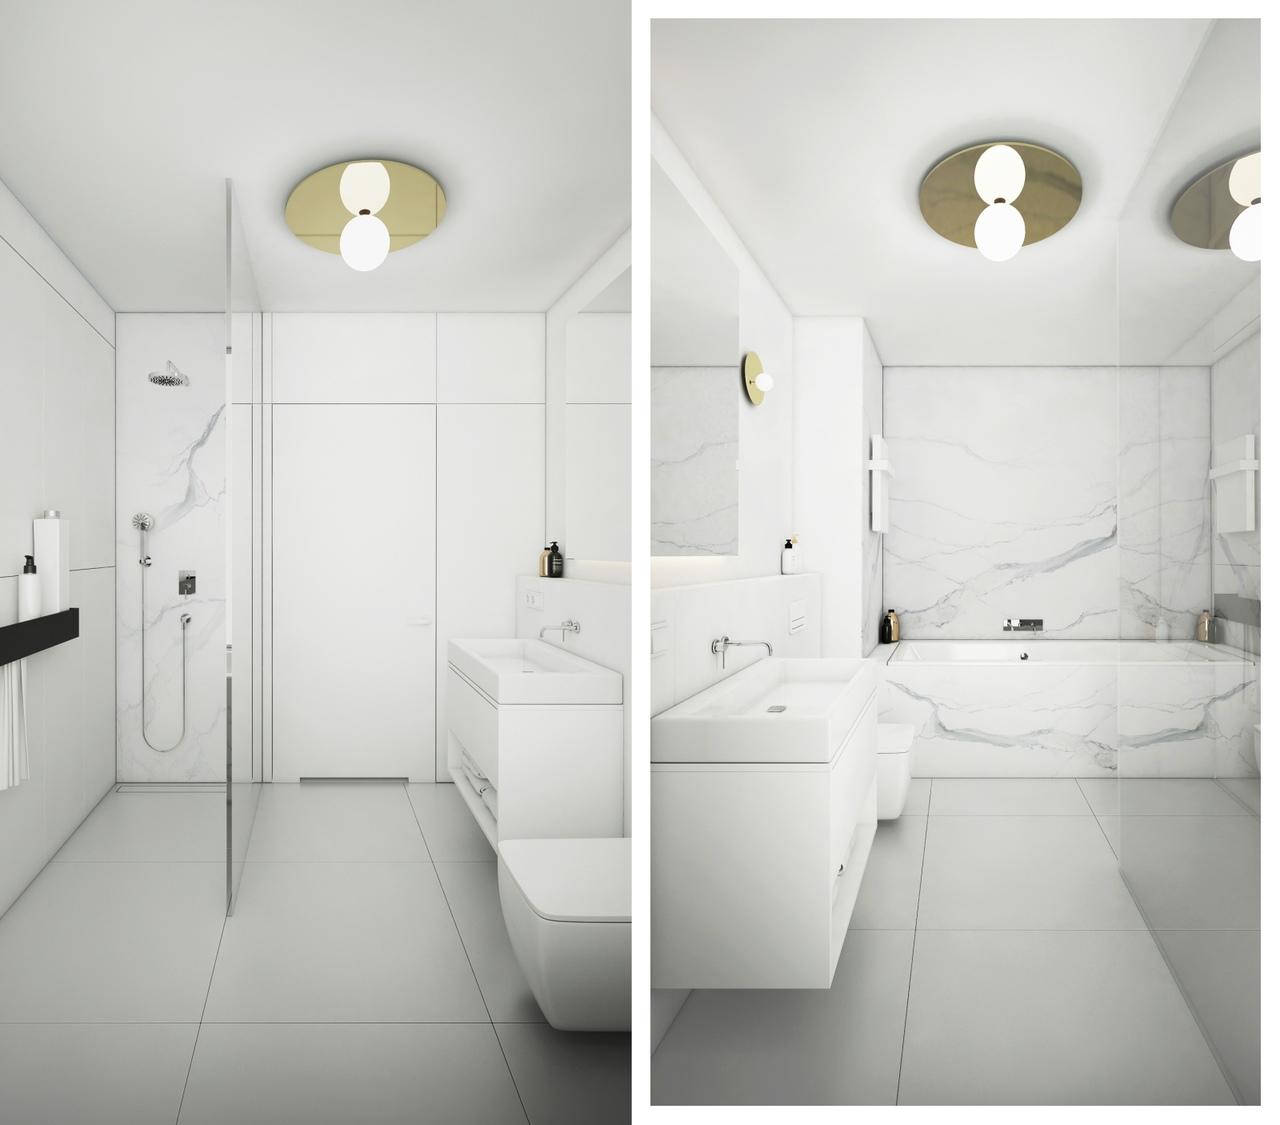 łazienka 3_Easy-Resize.com